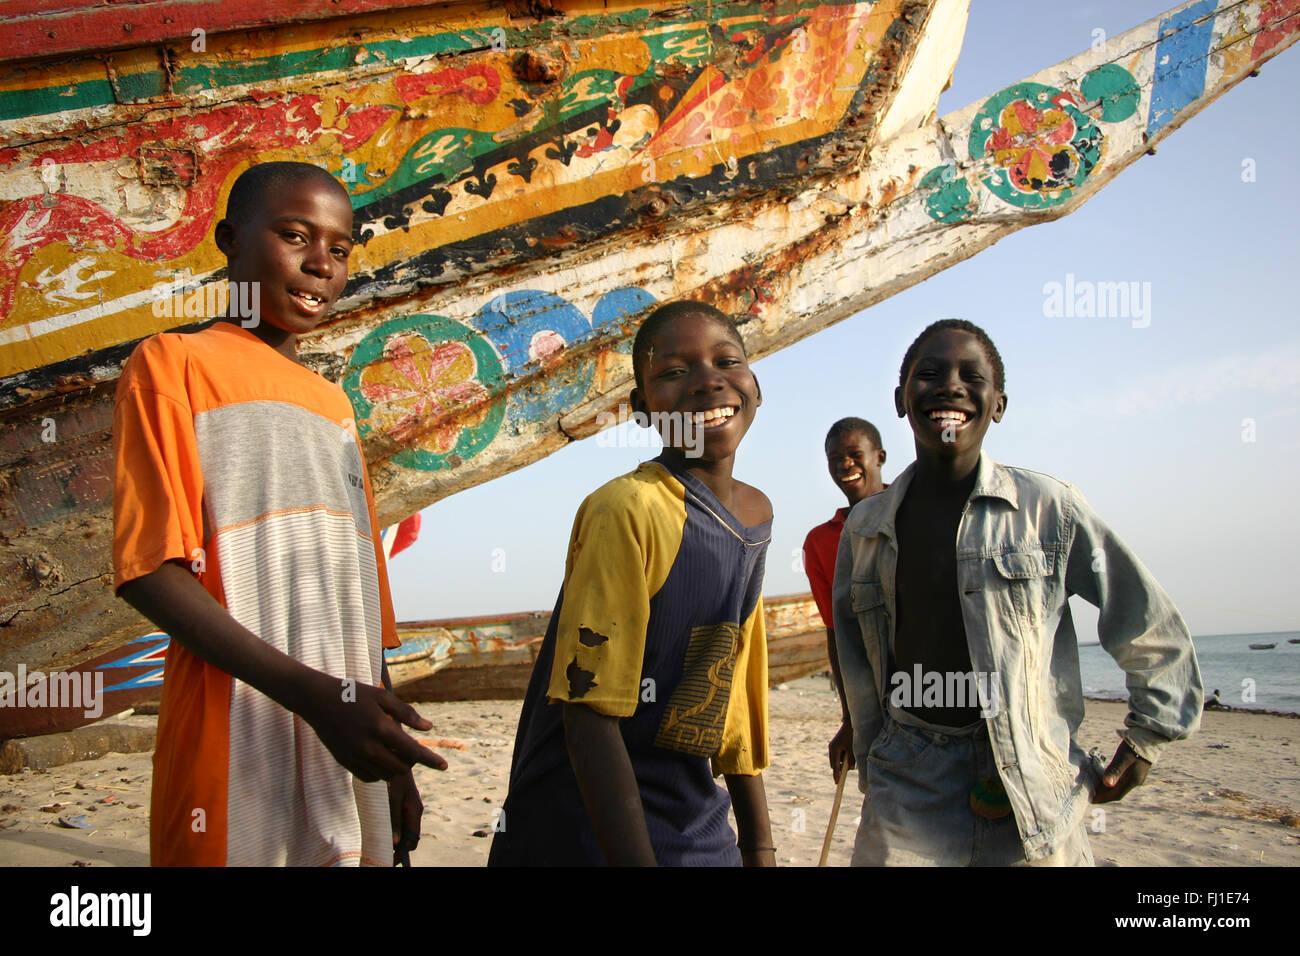 Niños Niños posando en la playa de Joal Fadiouth, Senegal , en la parte delantera de un barco pintado Imagen De Stock